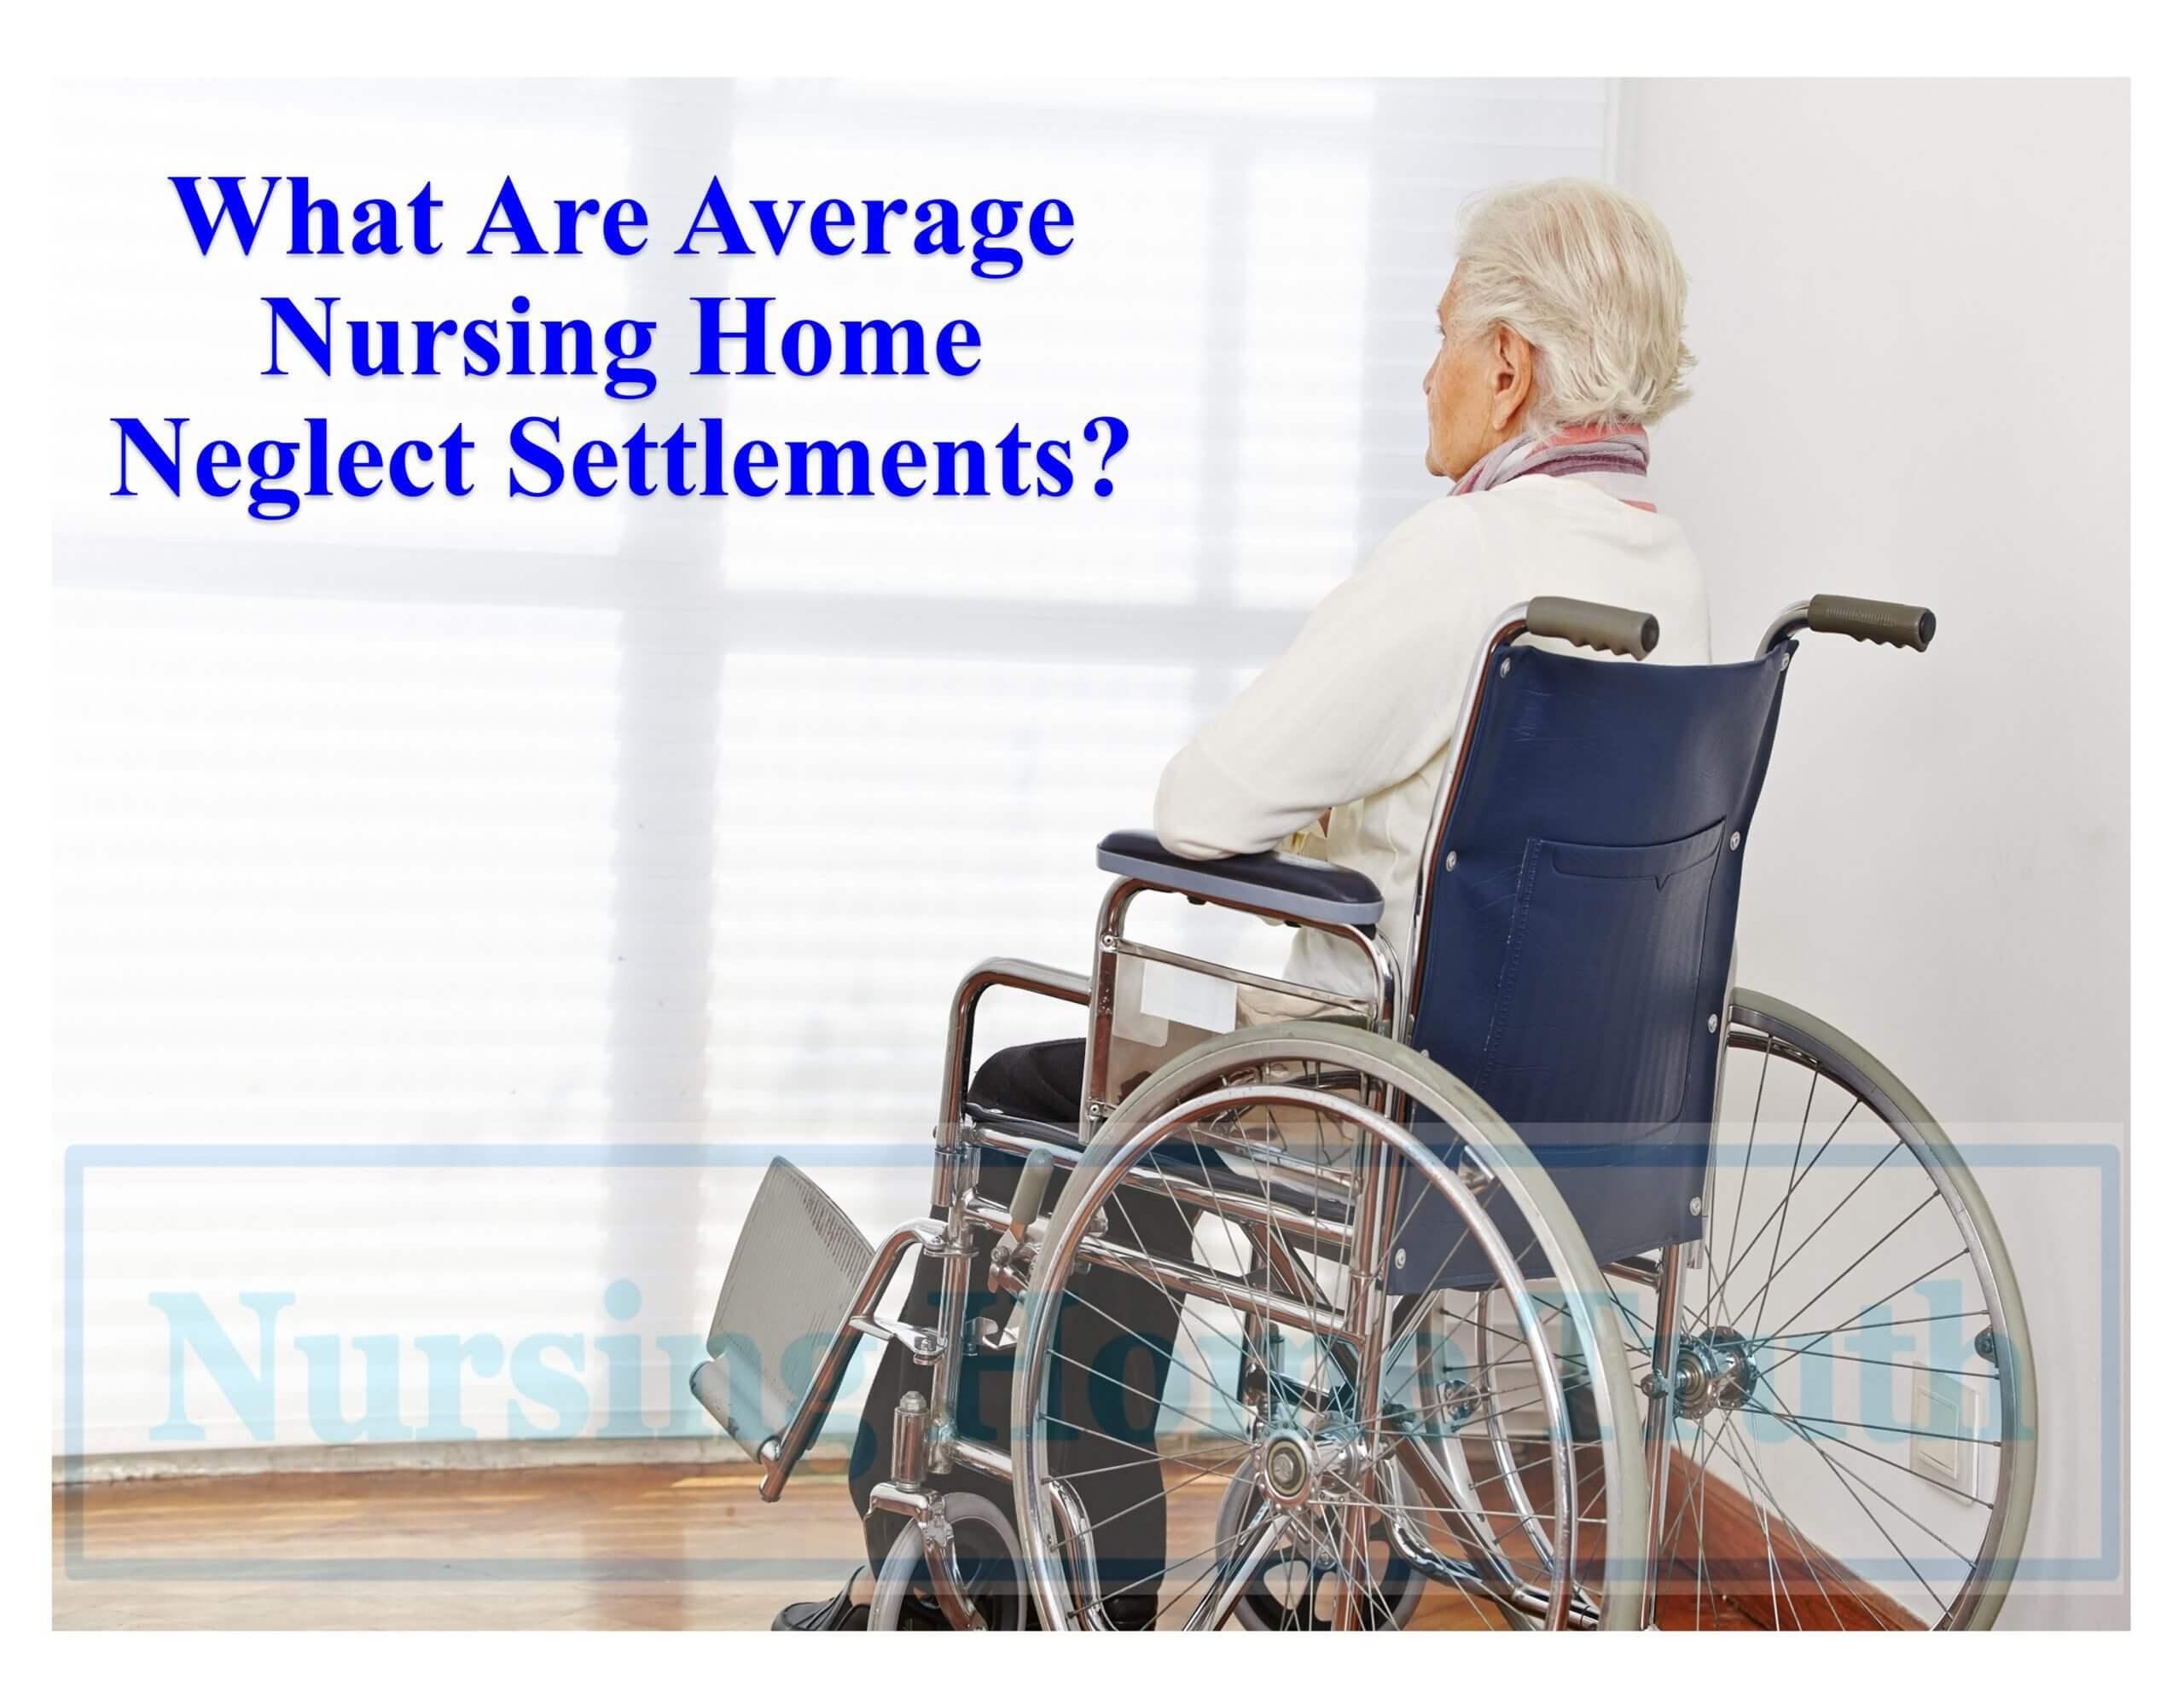 Nursing Home Settlements Data & Averages